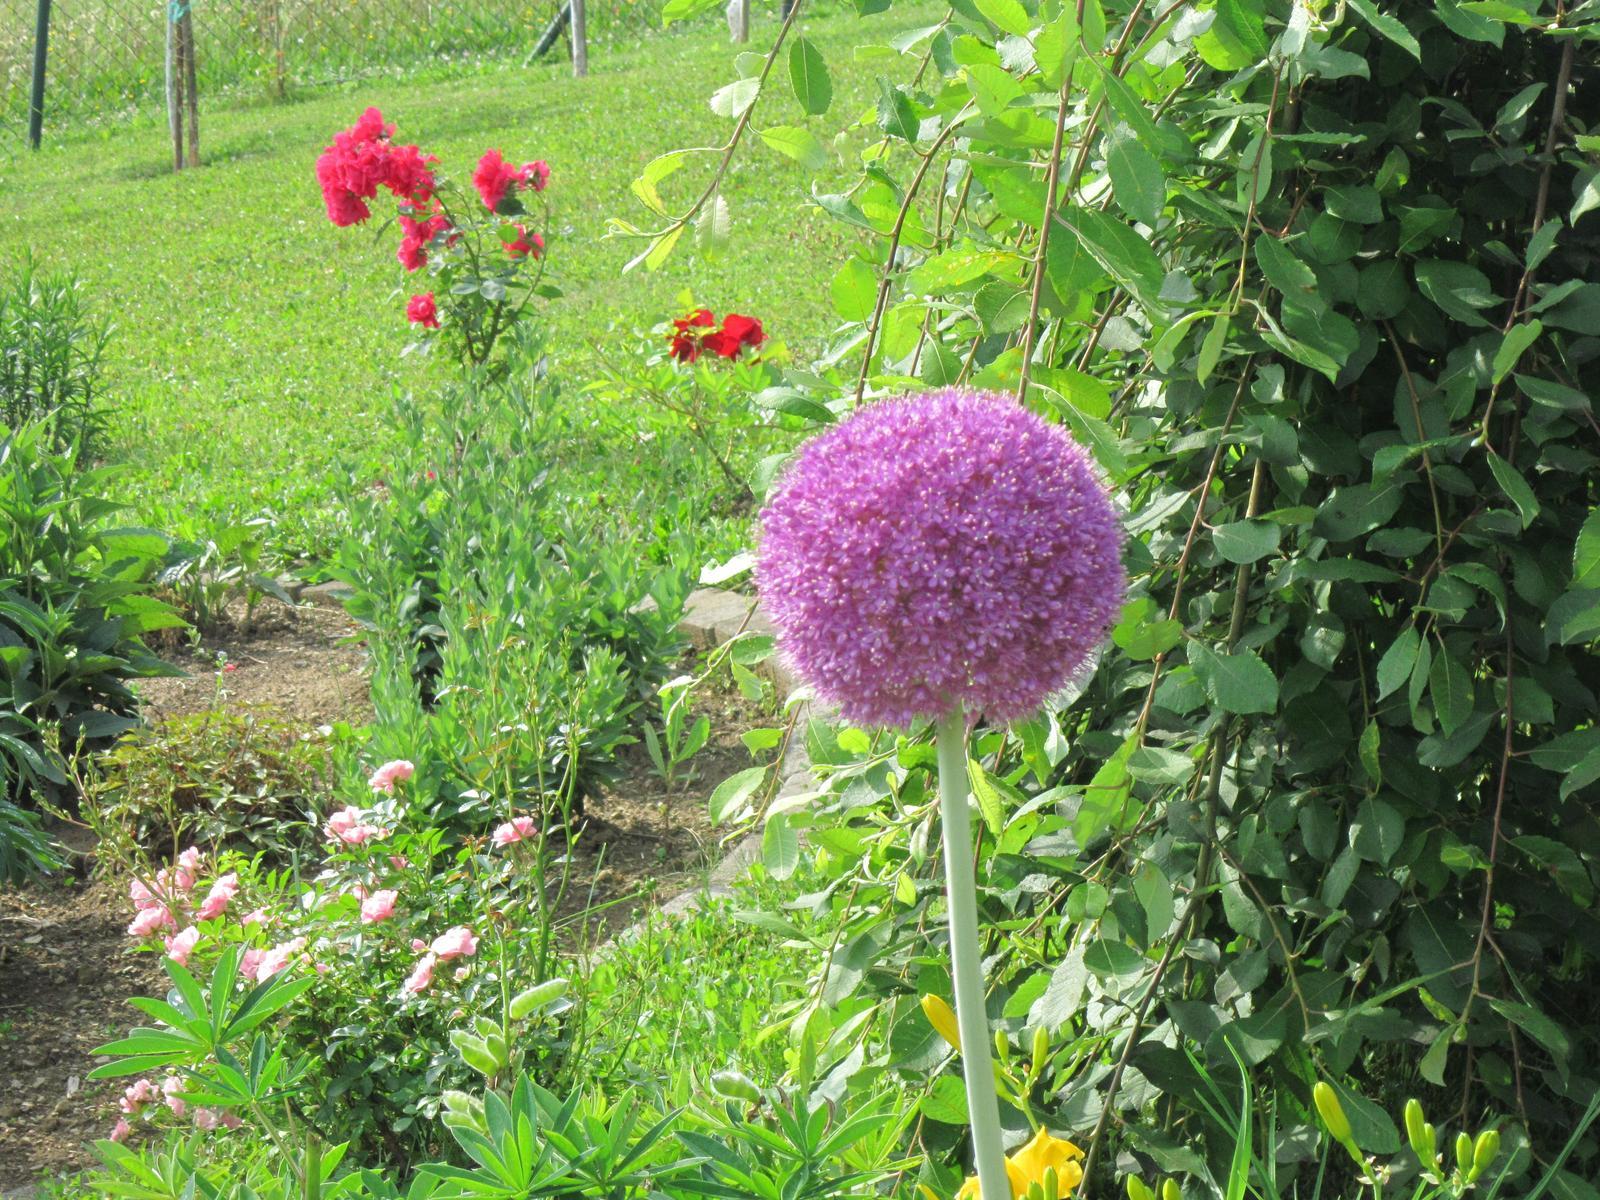 Pozvanie do našej jarnej záhrady - Posledný okrasný cesnak...